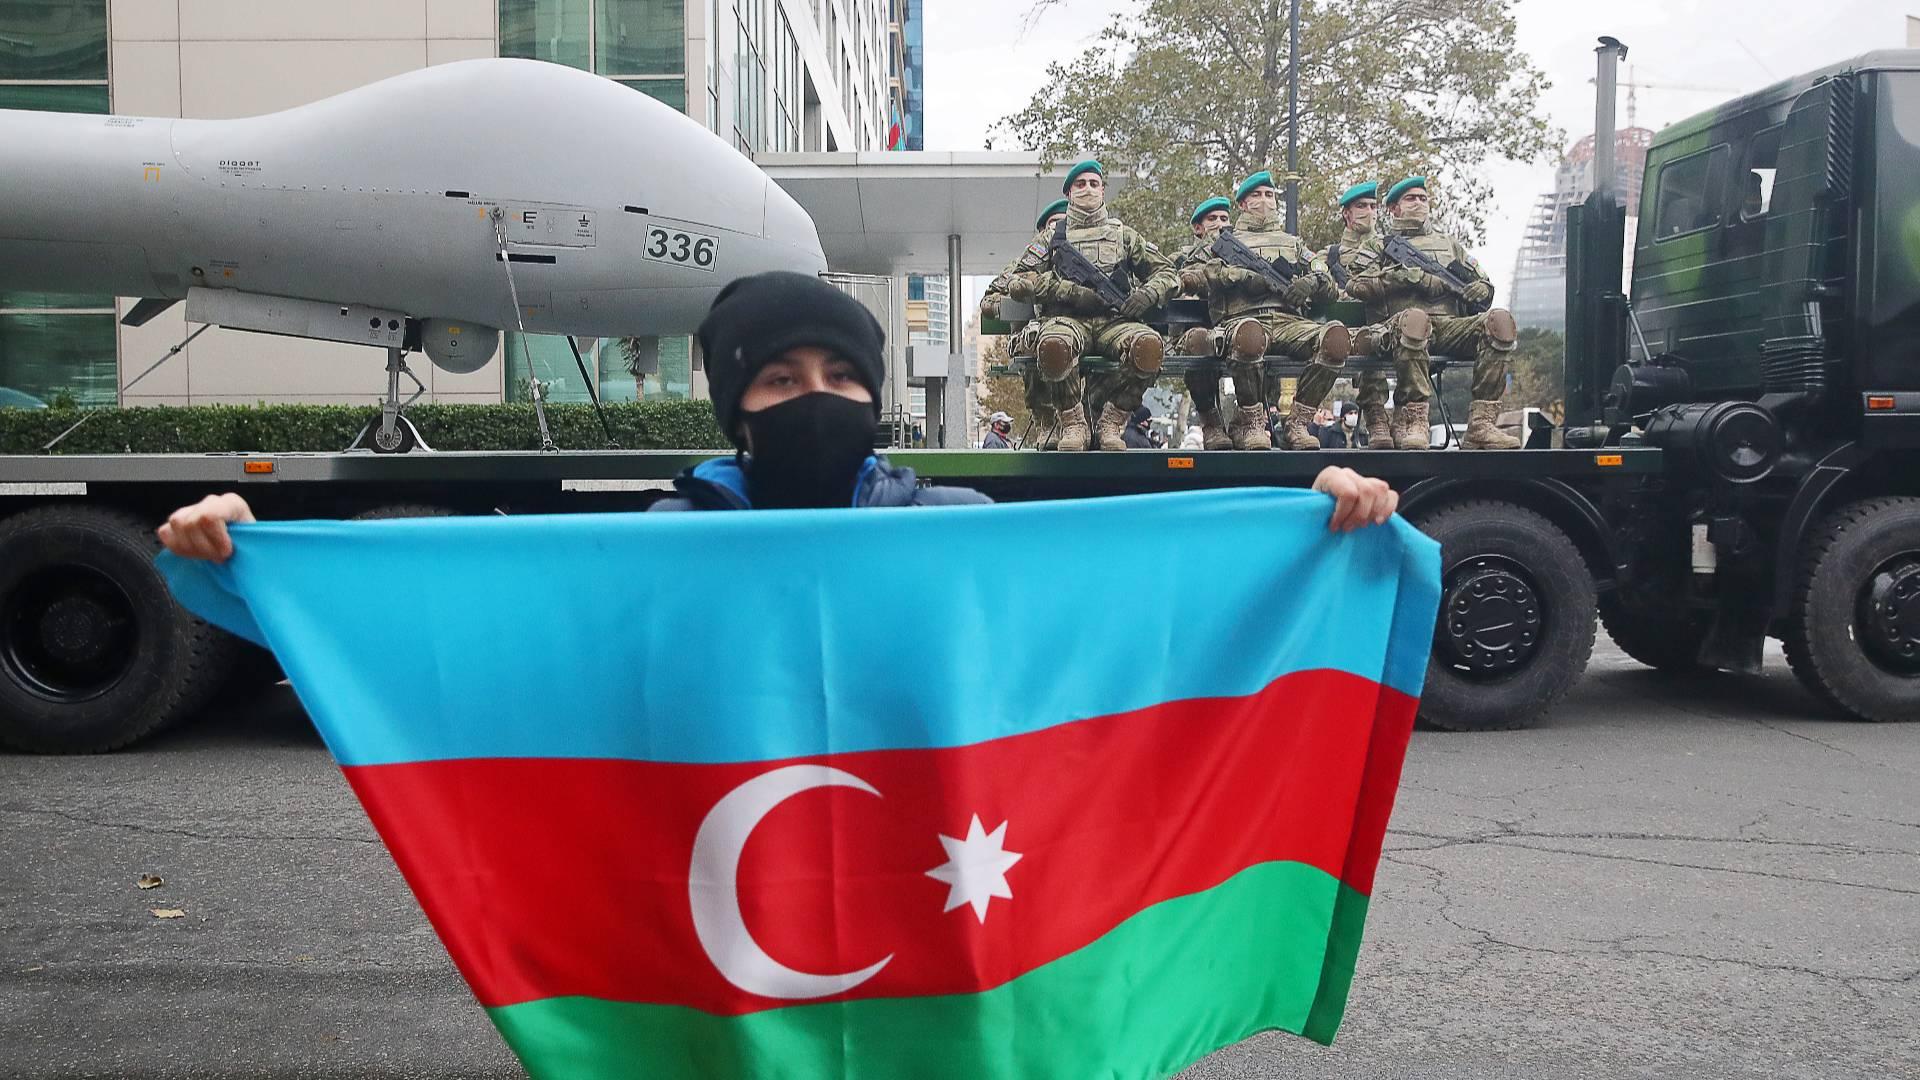 Интересно совпадают события. Что значит военный парад в Баку для Москвы, Тегерана и всего Ближнего Востока